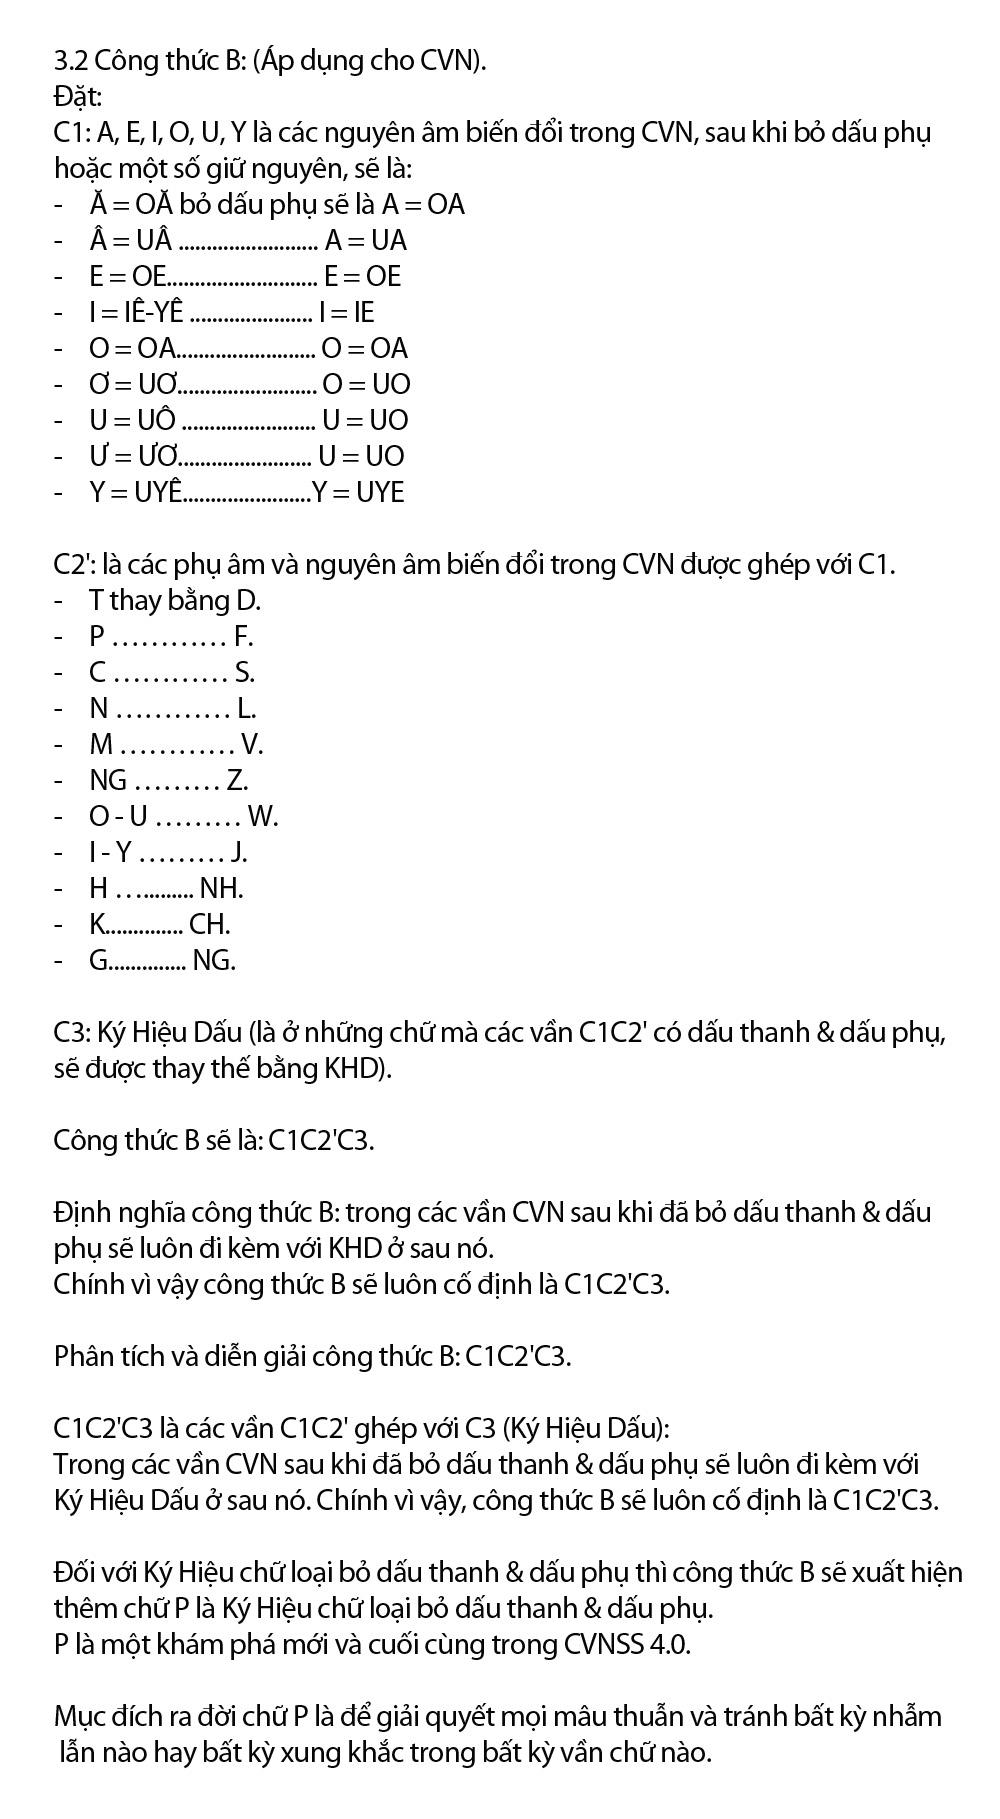 Tiếng Việt không dấu chính thức được cấp bản quyền, tác giả hy vọng chữ mới có thể được đưa vào giảng dạy cho học sinh - Ảnh 11